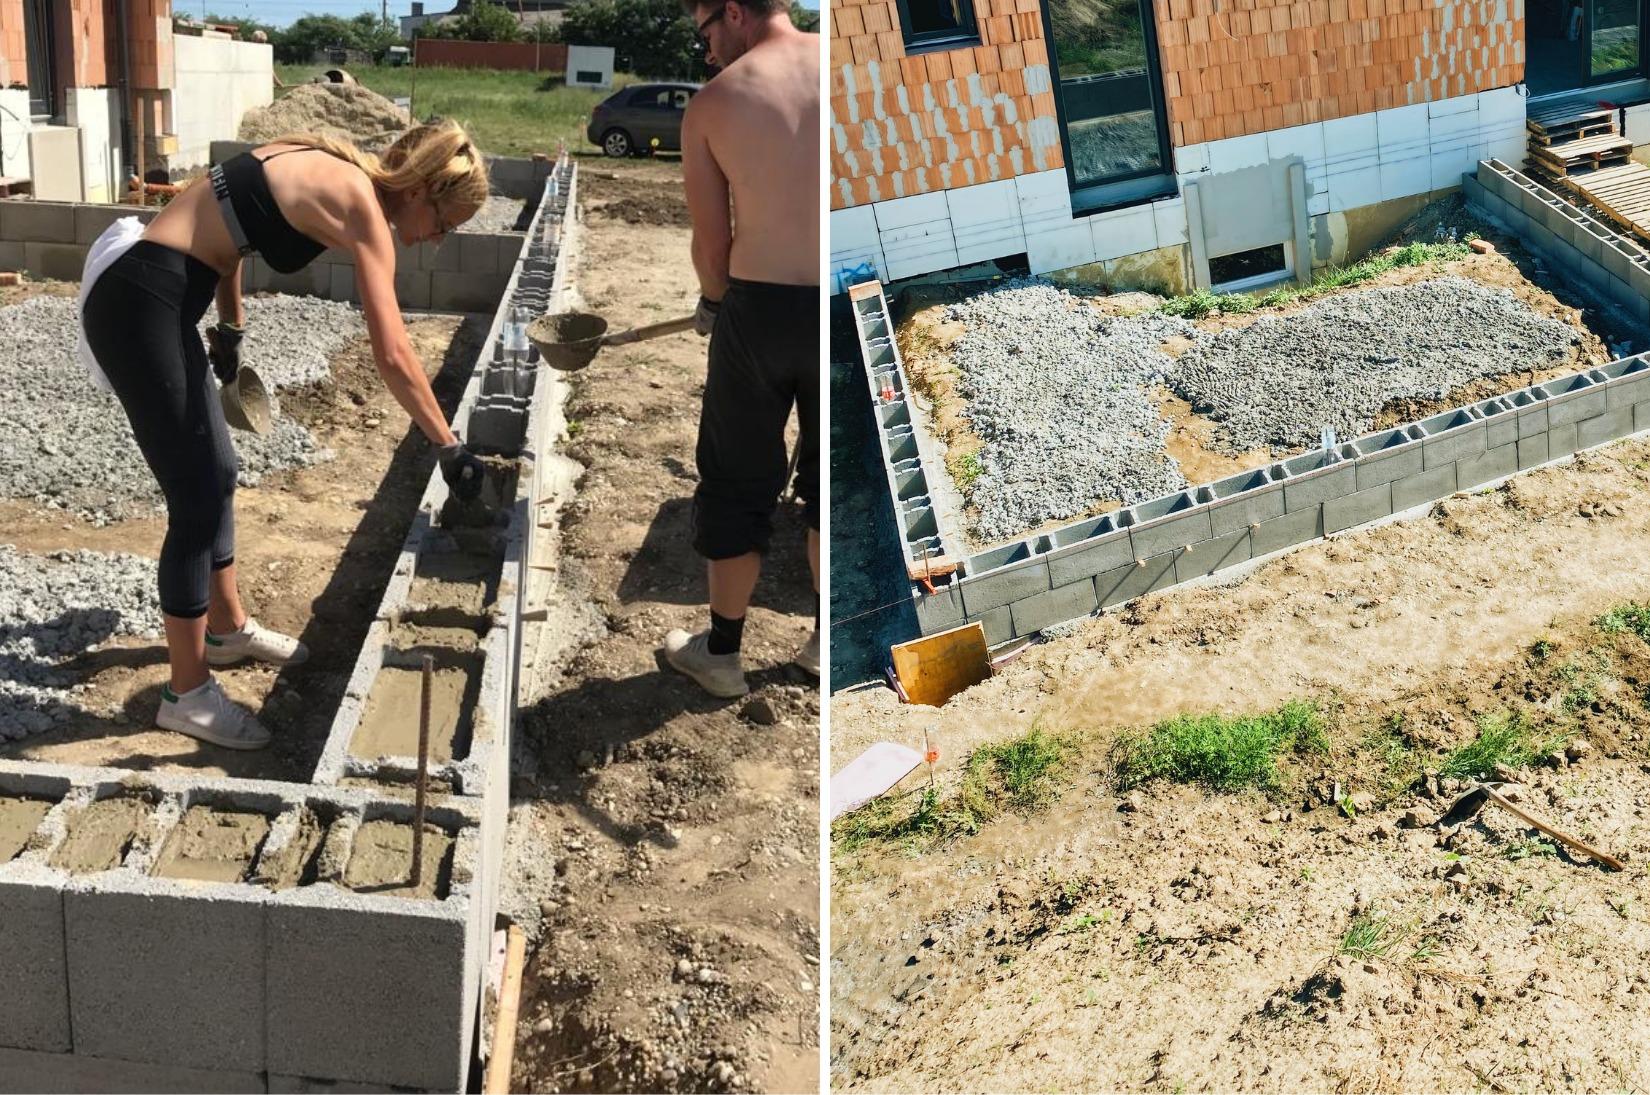 Terrasse bauen   Schritt für Schritt Anleitung, Tipps und Kosten ...